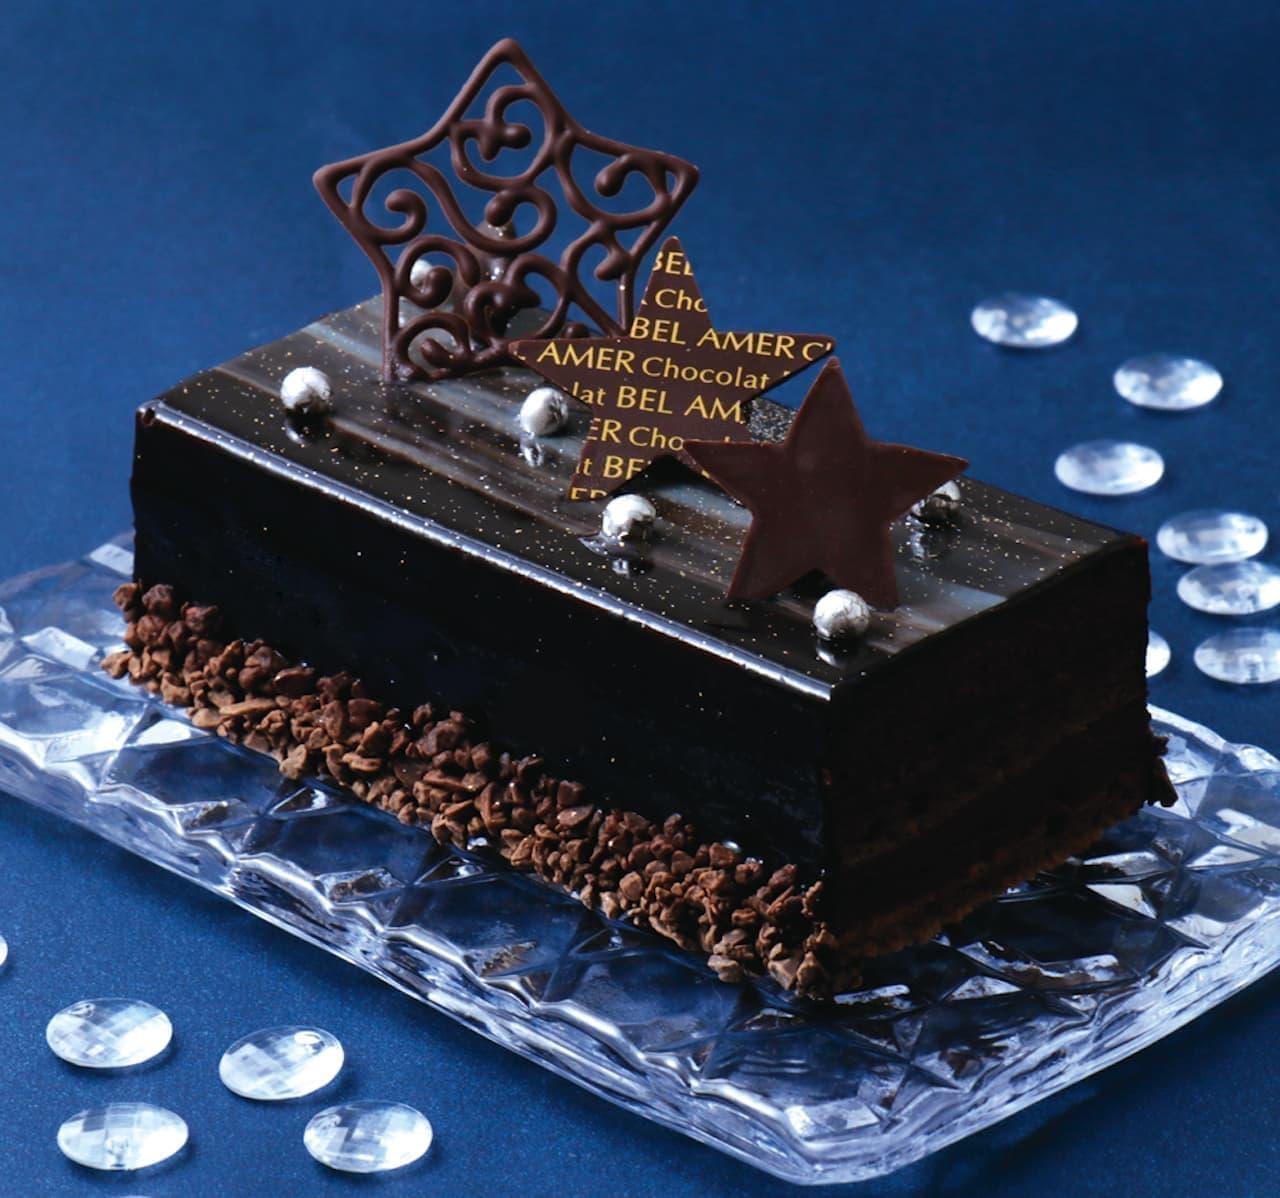 ショコラ ベルアメールに期間限定「七夕ケーキ」